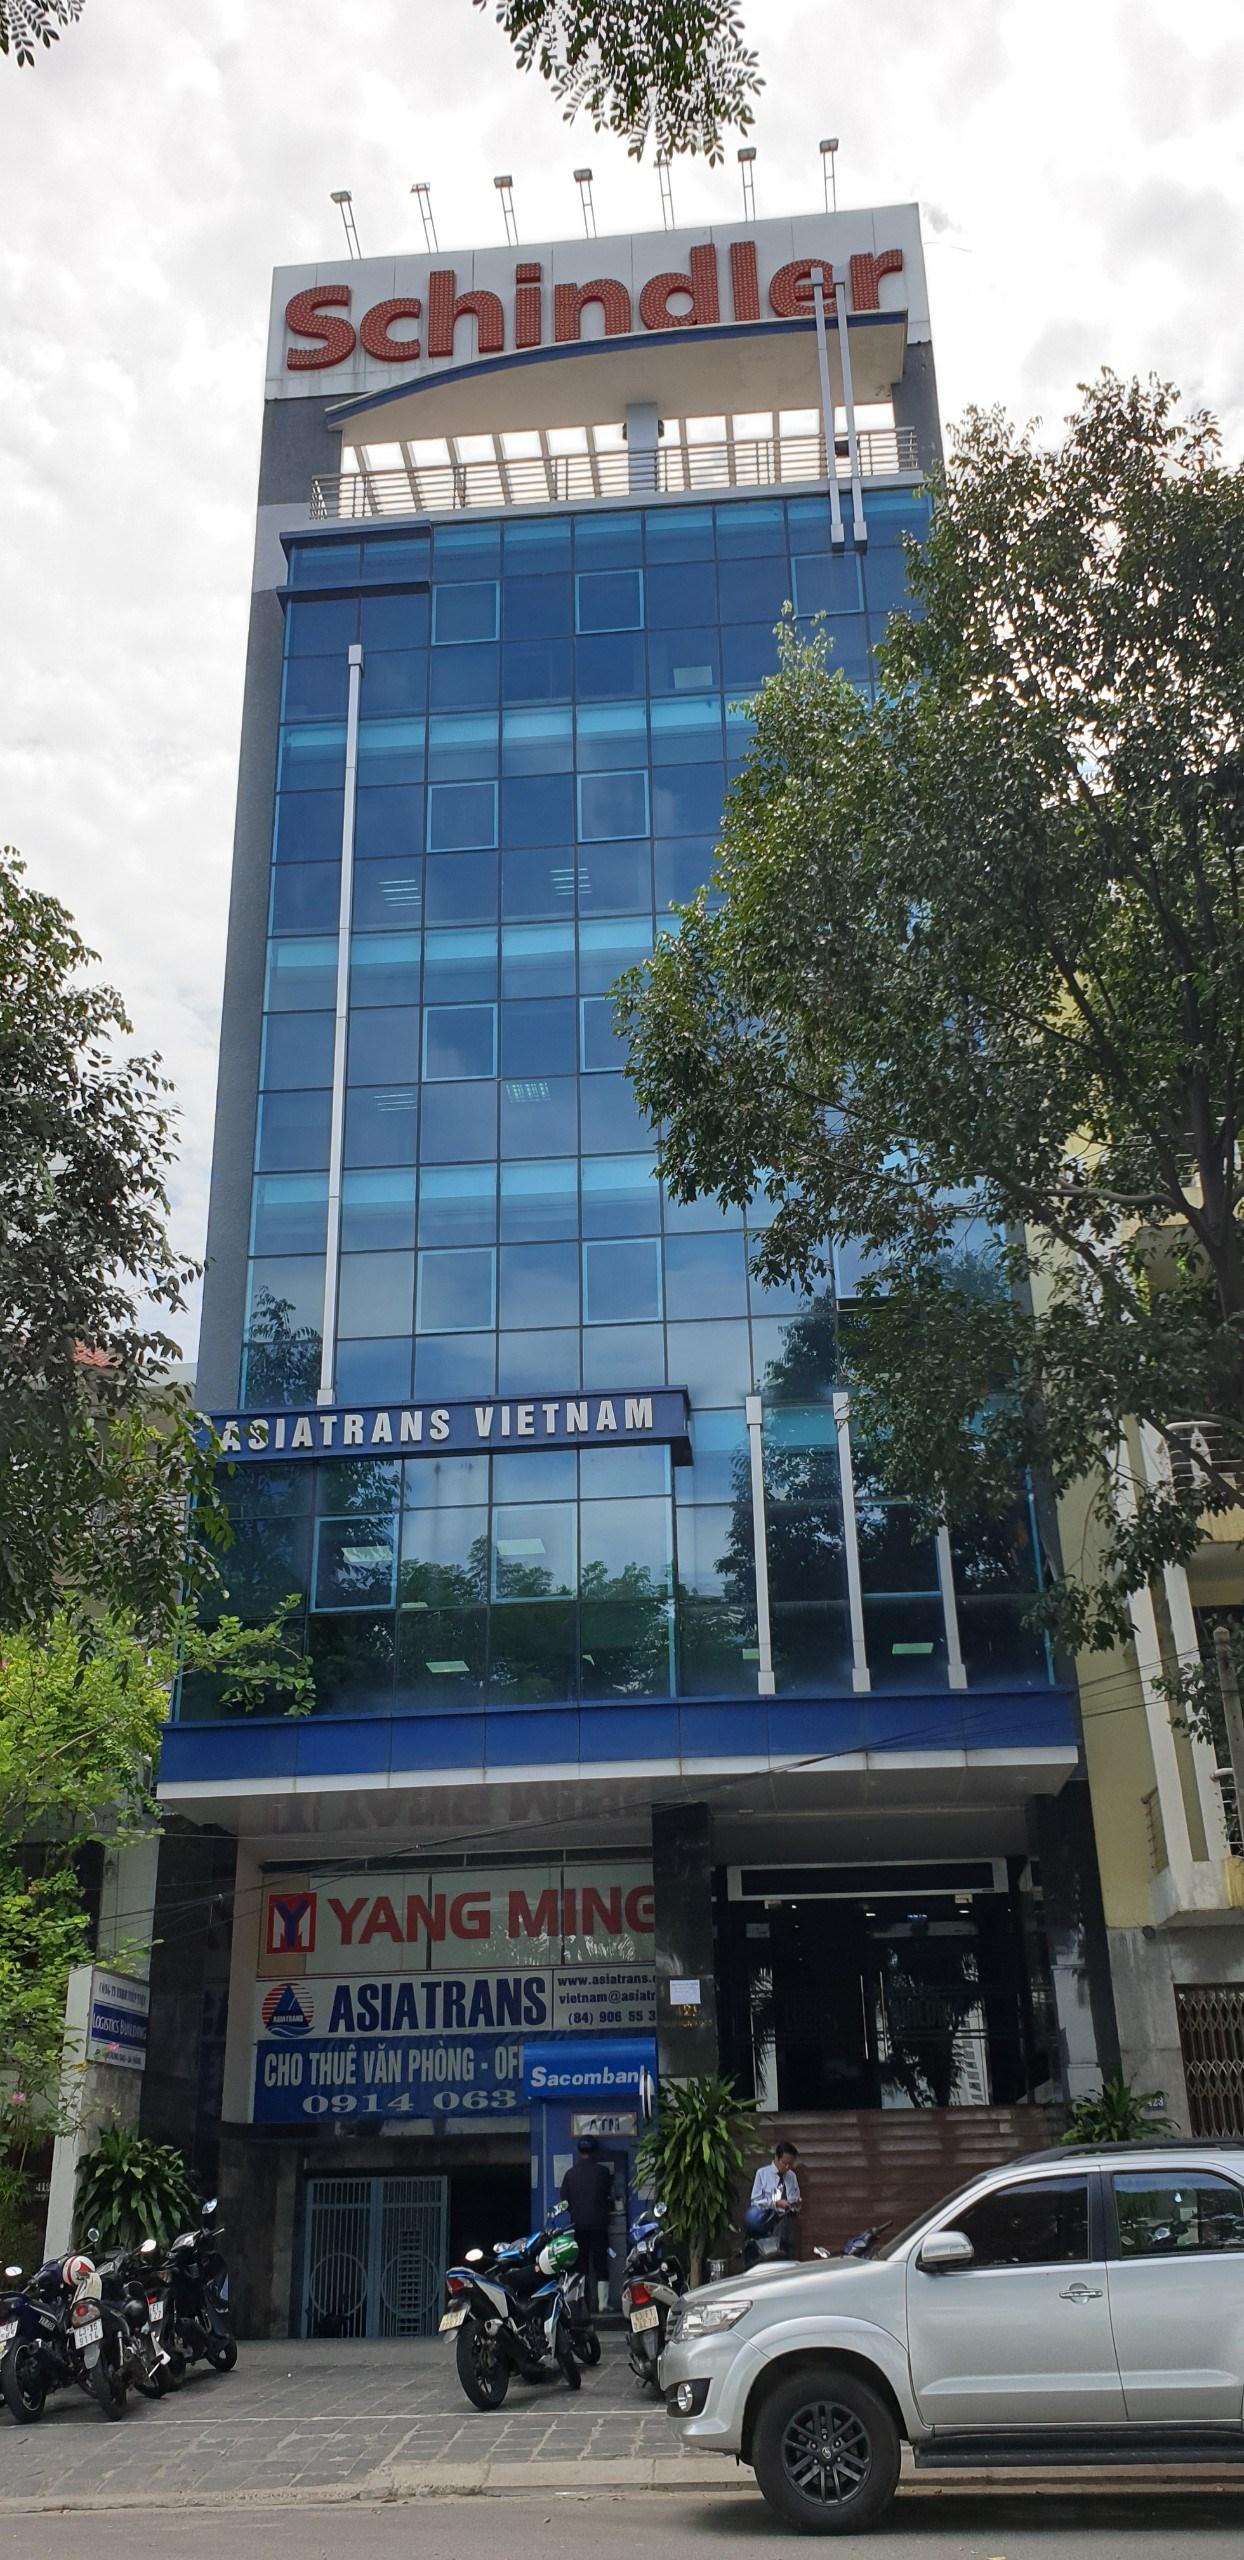 Cho thuê văn phòng đường Trần Hưng Đạo, diện tích 74m2